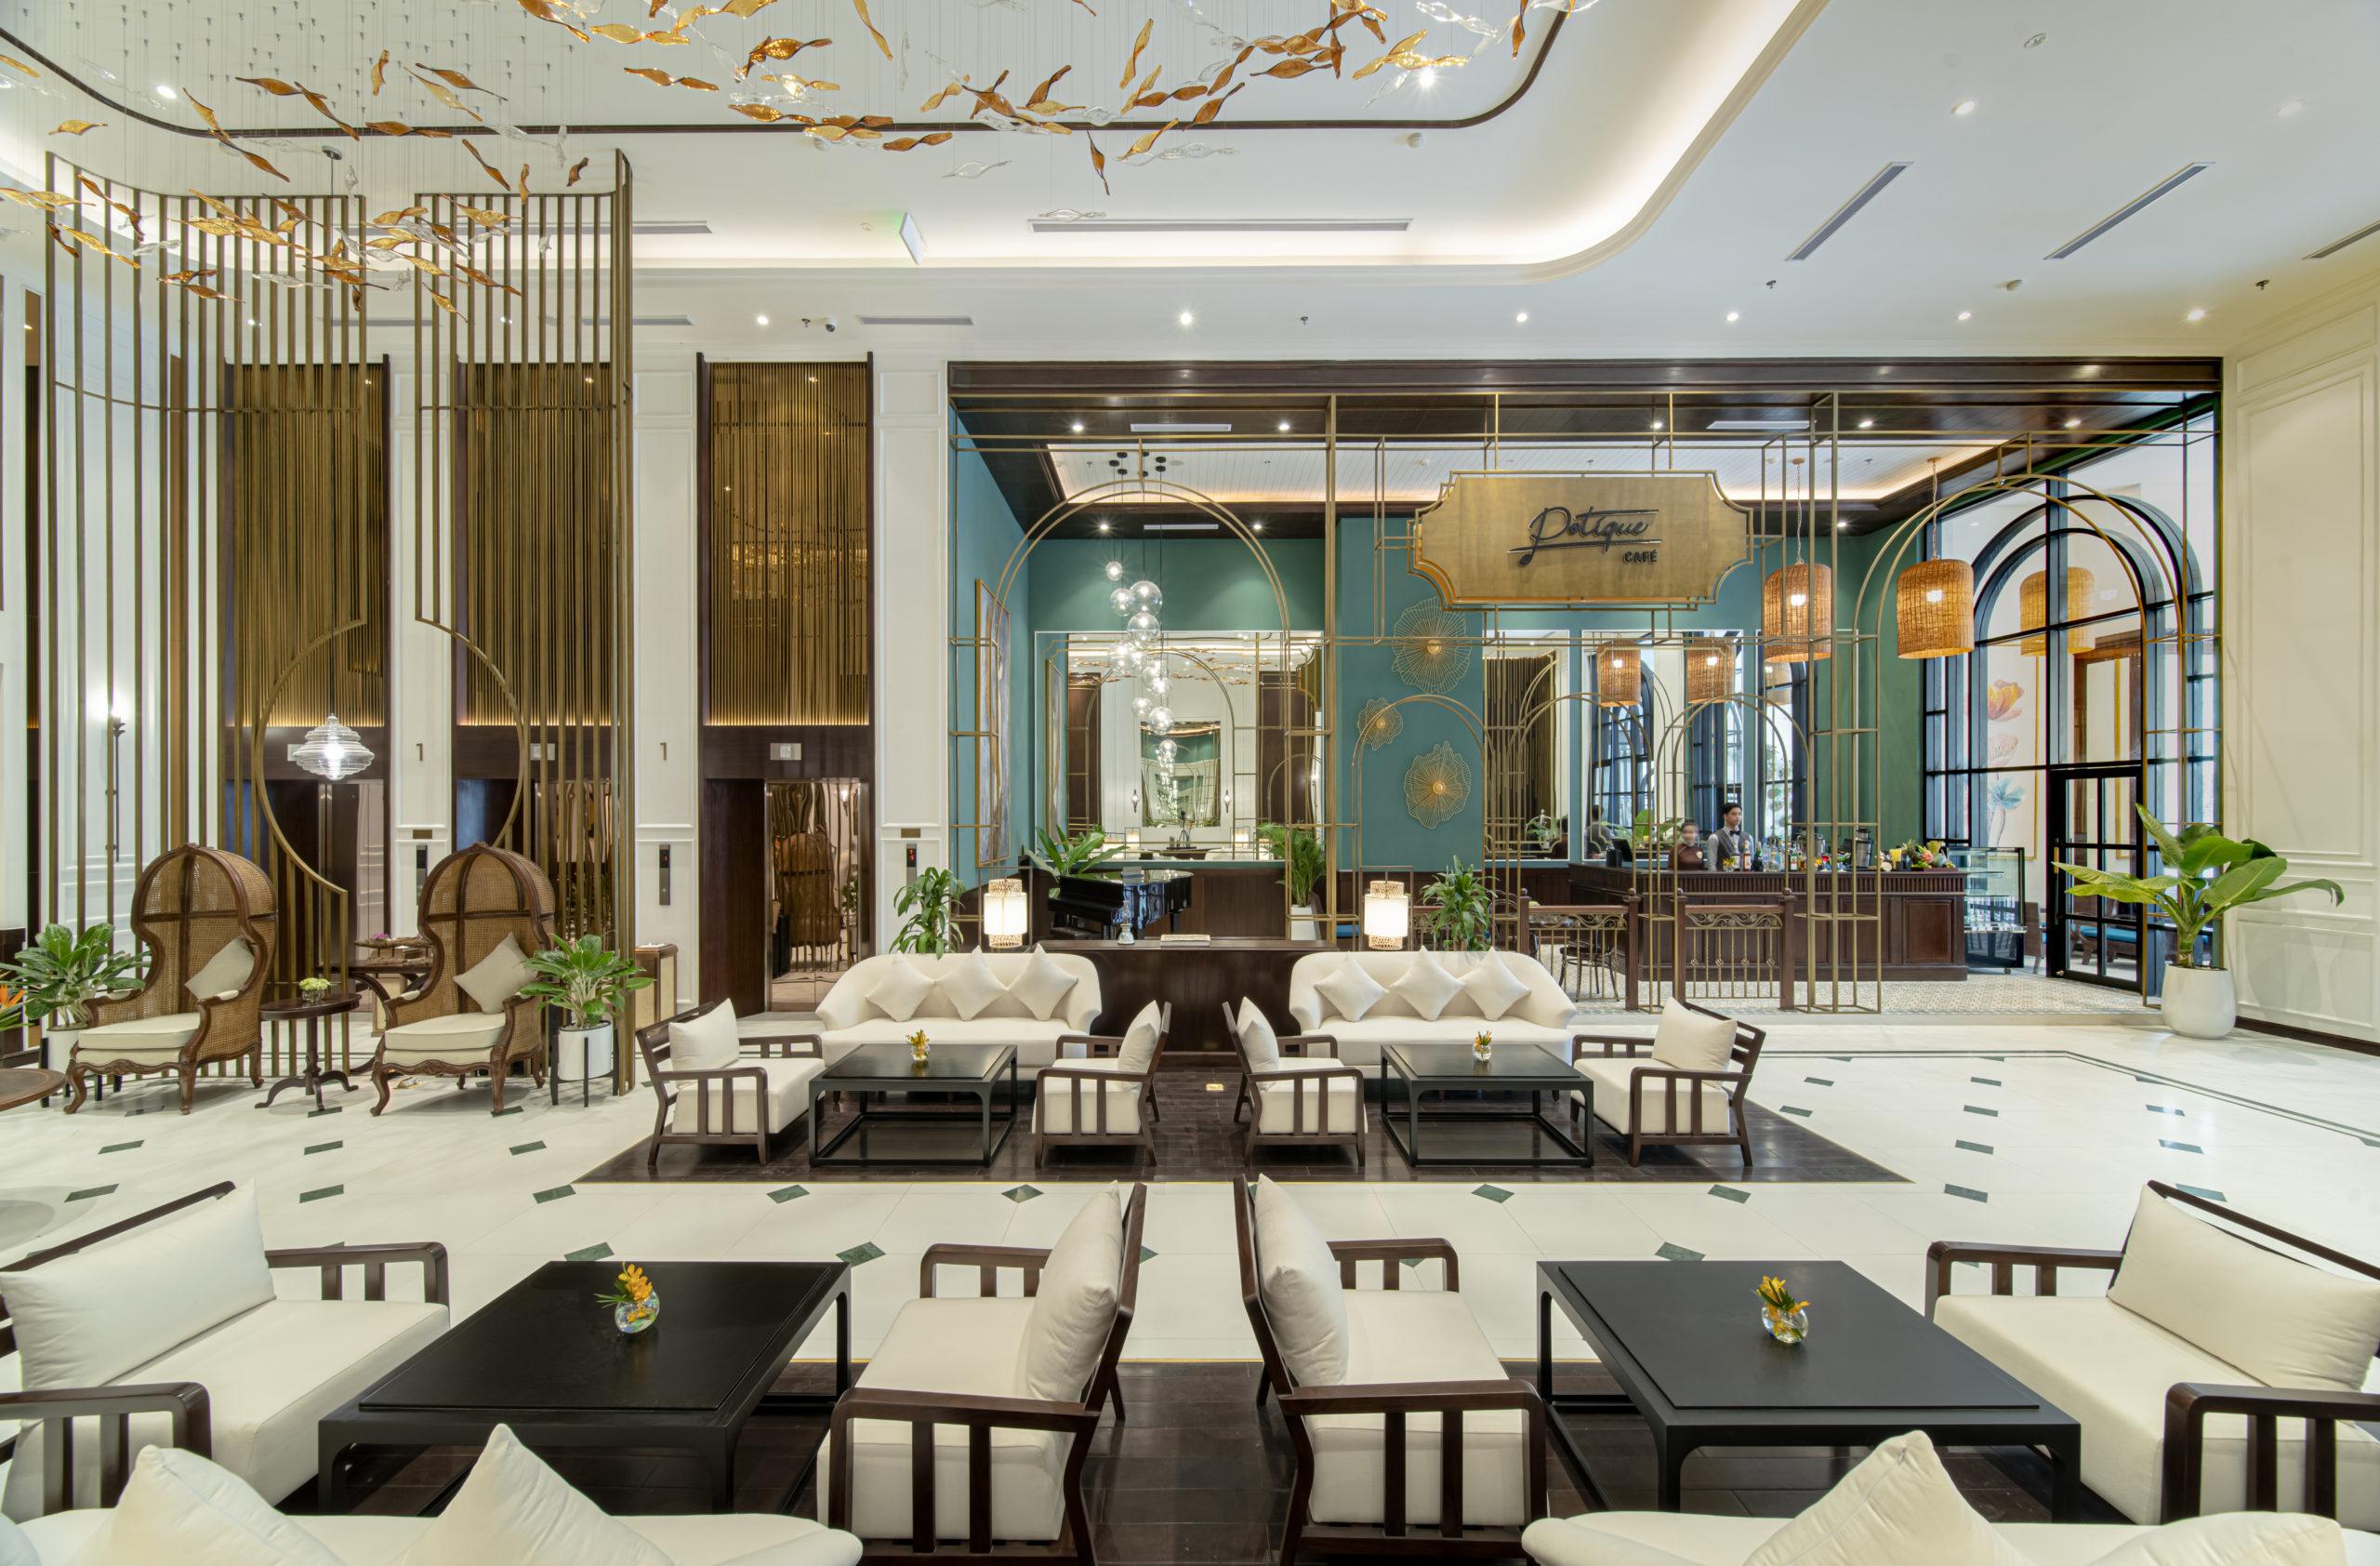 Potique Hotel - Khách sạn 5 sao hàng đầu tại Nha Trang